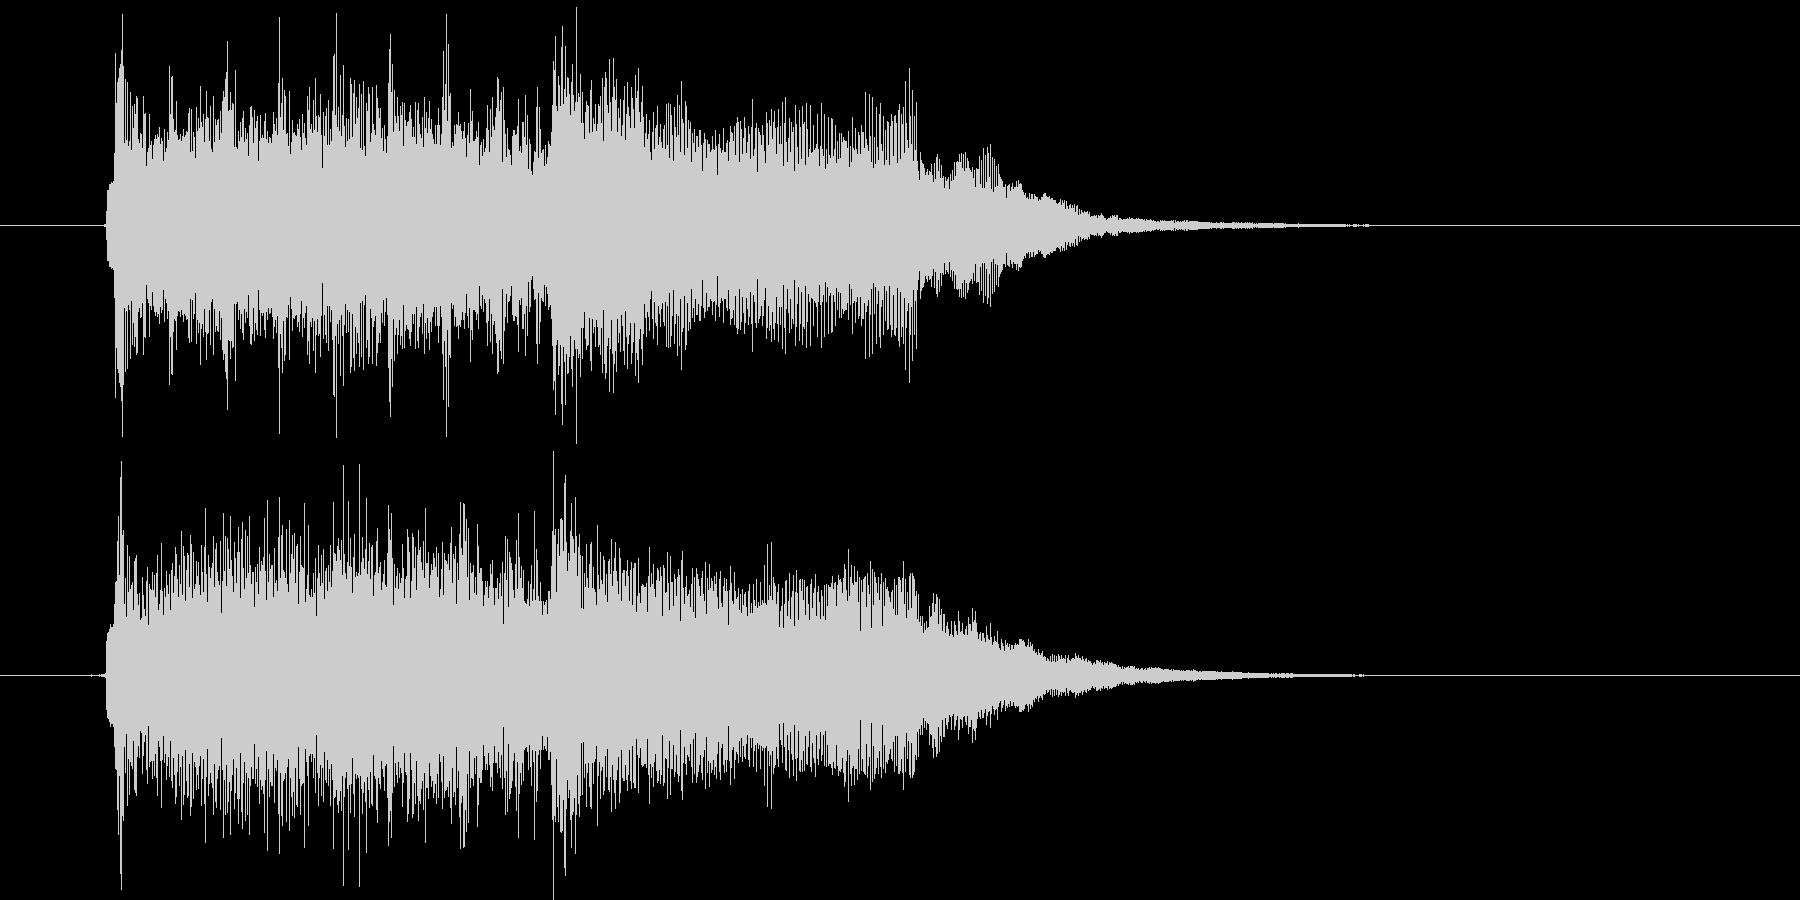 ポップスによるジングル曲、サウンドロゴの未再生の波形